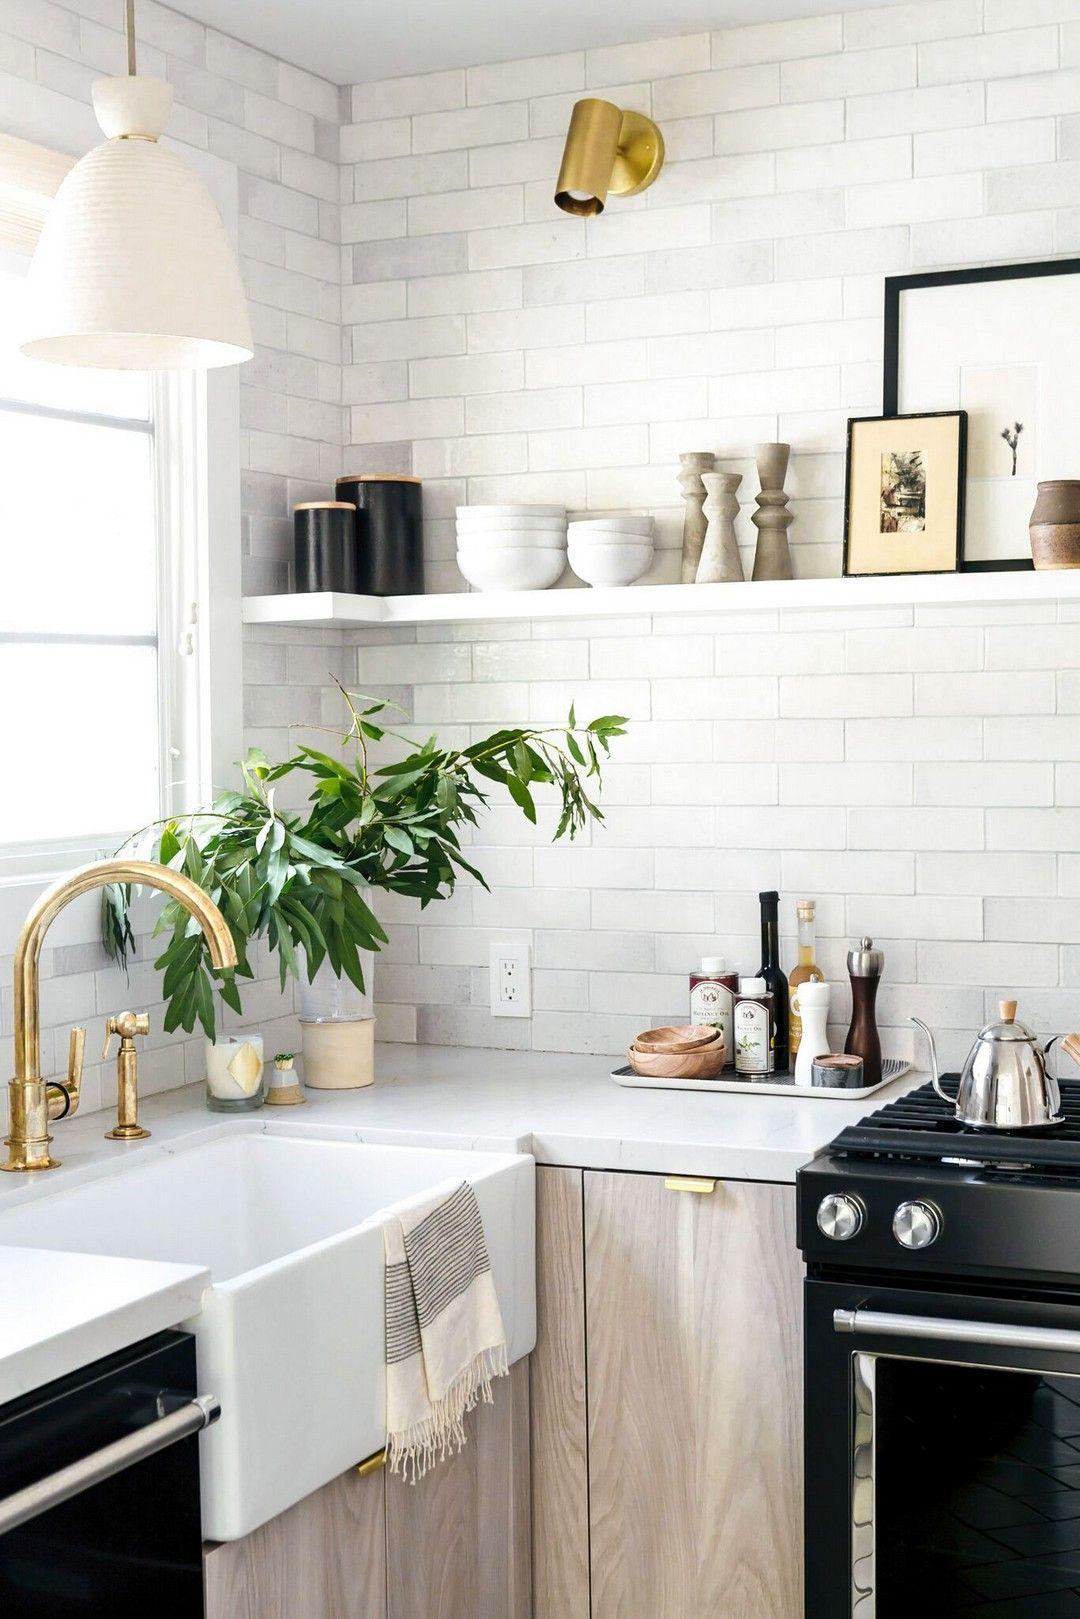 Dining Room Small Kitchen Ideas Pinterest Novocom Top